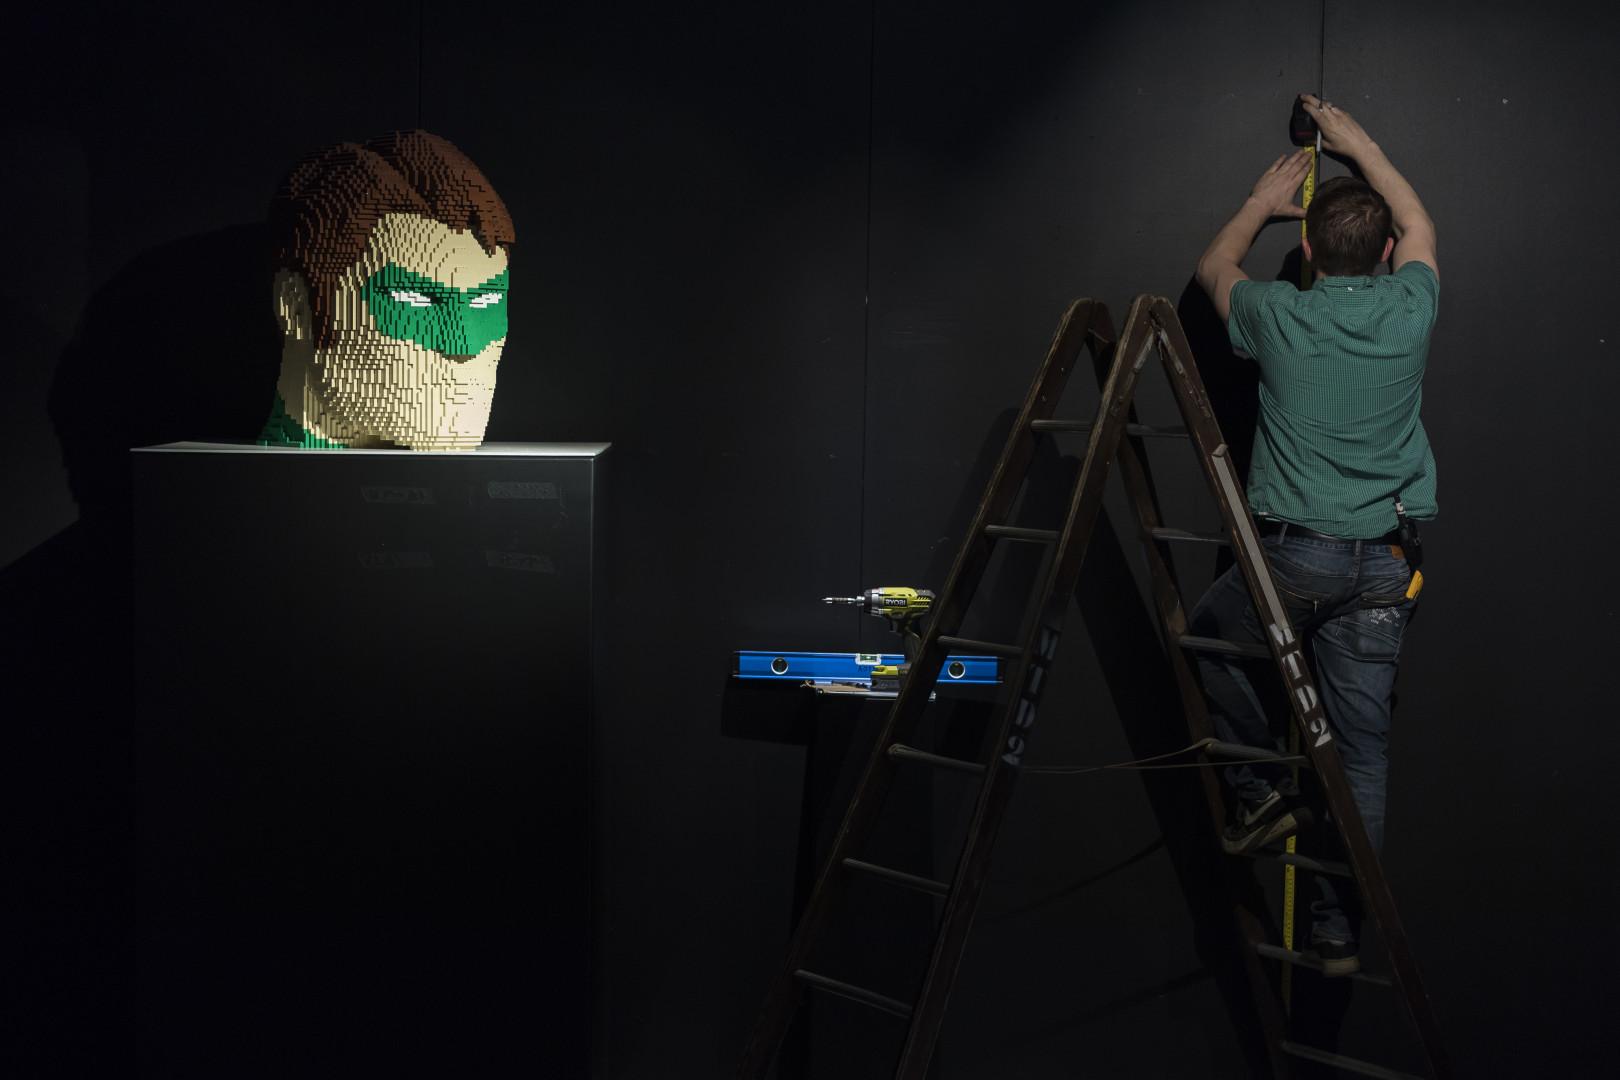 Le visage de Green Lantern